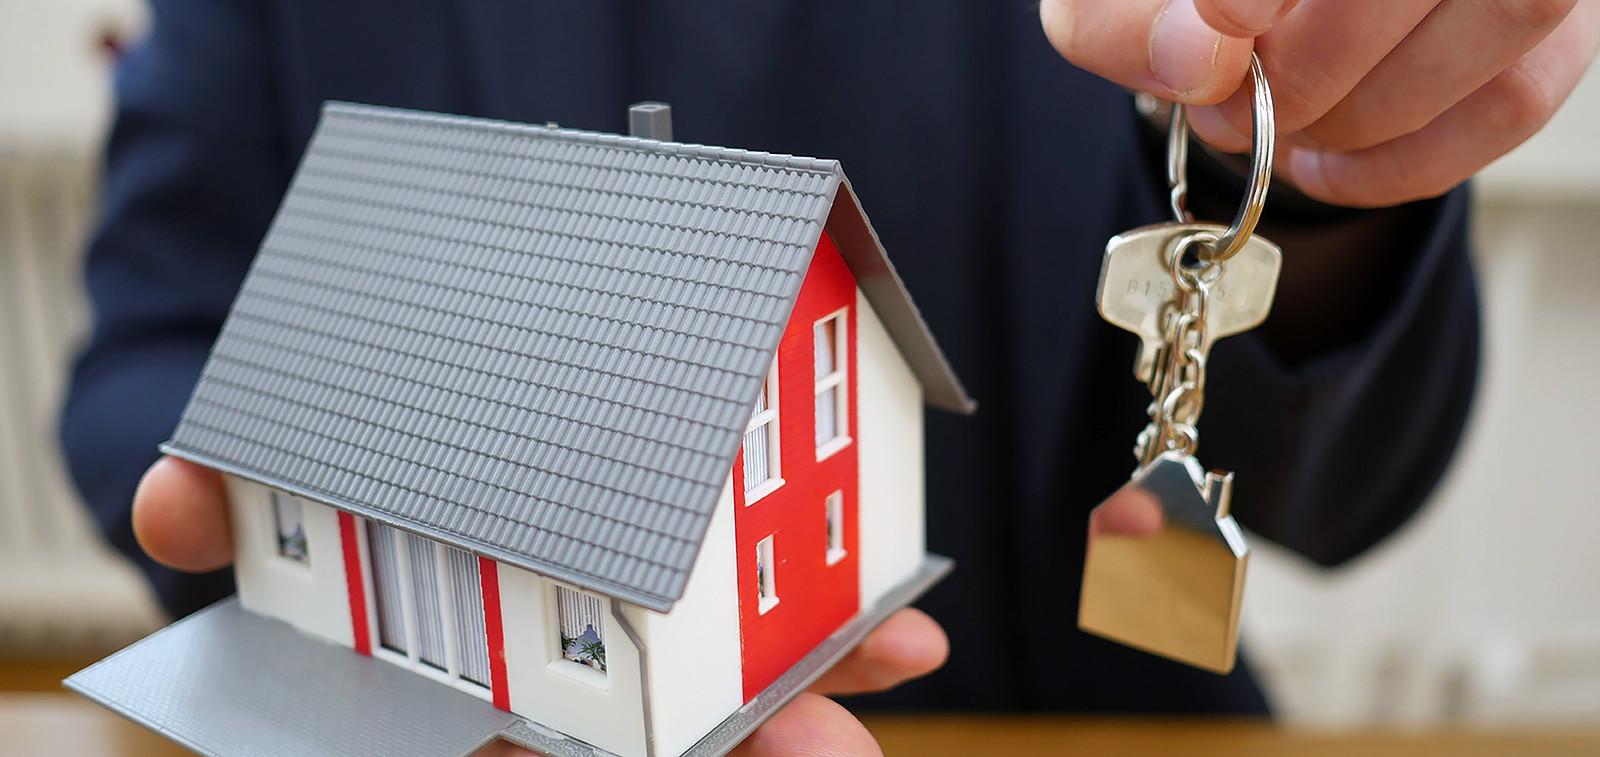 Kädessä talon pienoismalli ja toisessa kädessä avaimet